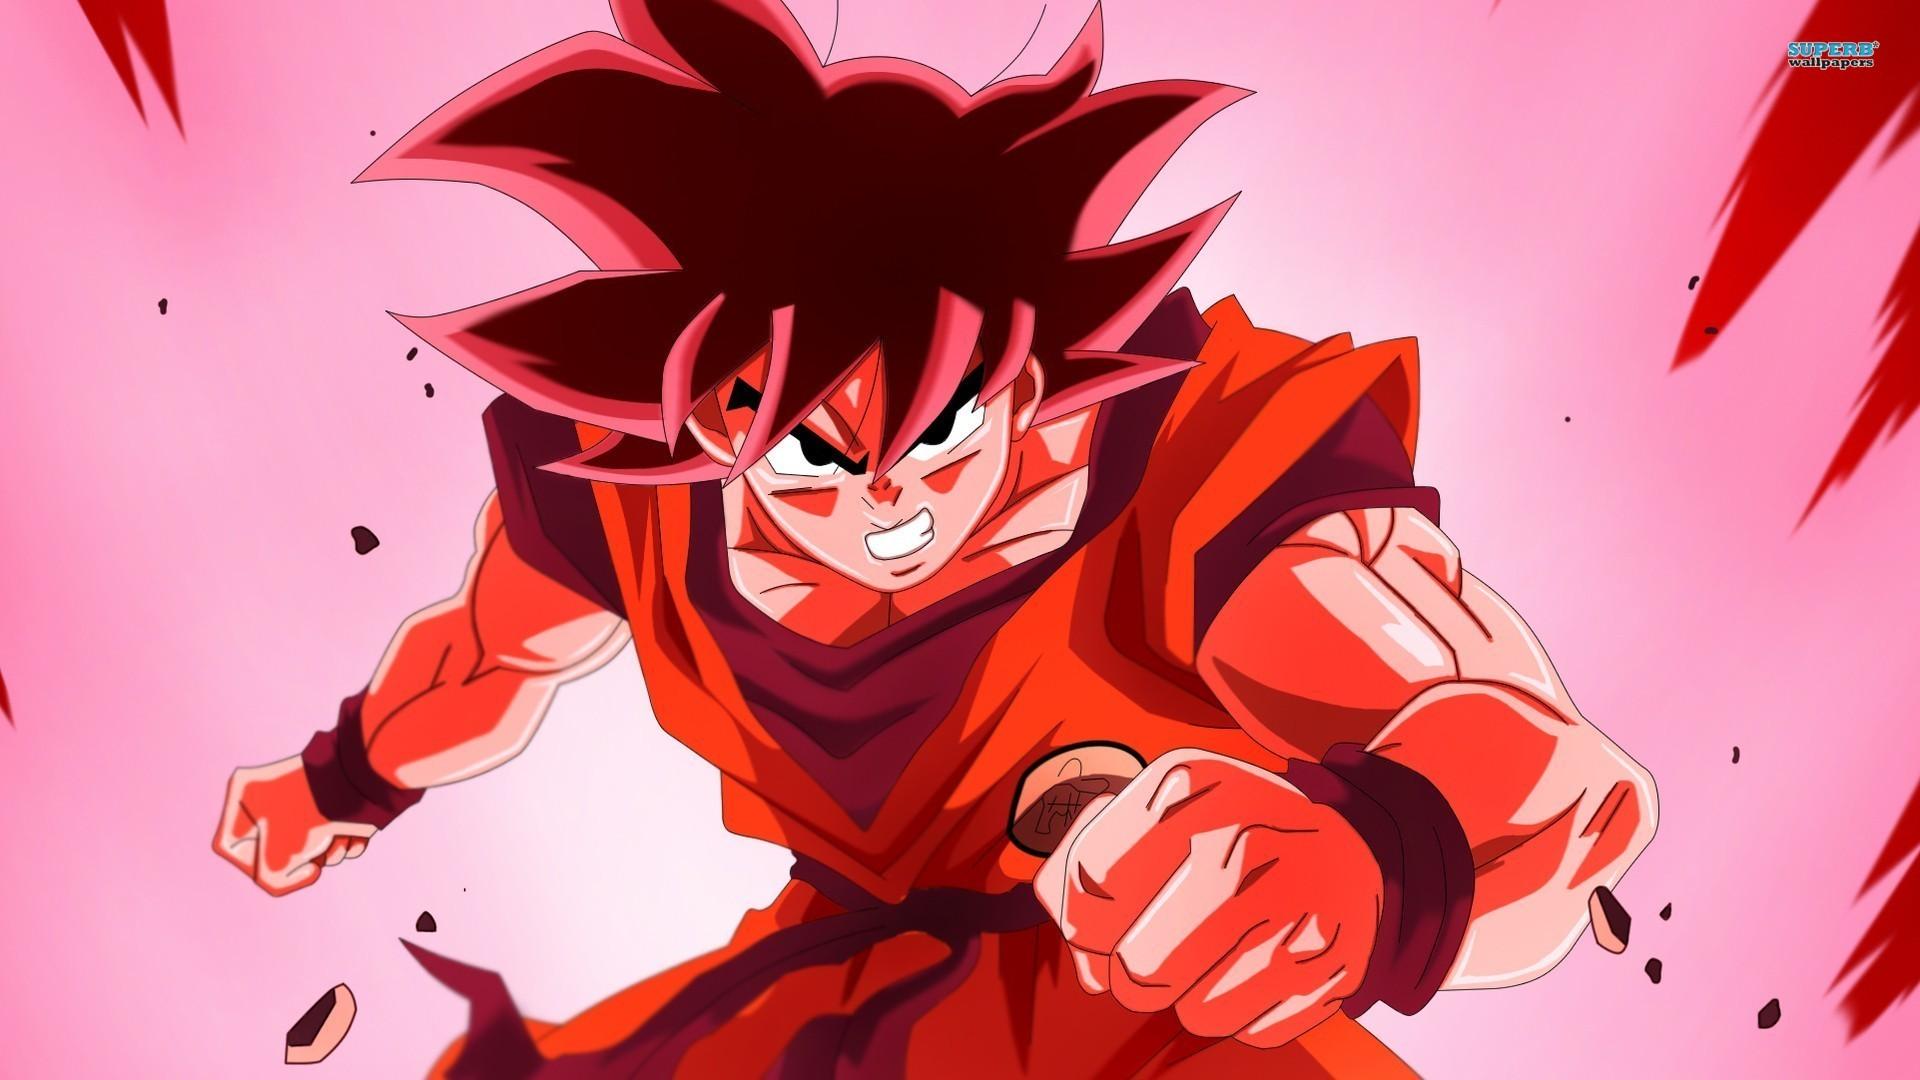 Anime – Dragon Ball Z Goku Dragon Ball Wallpaper